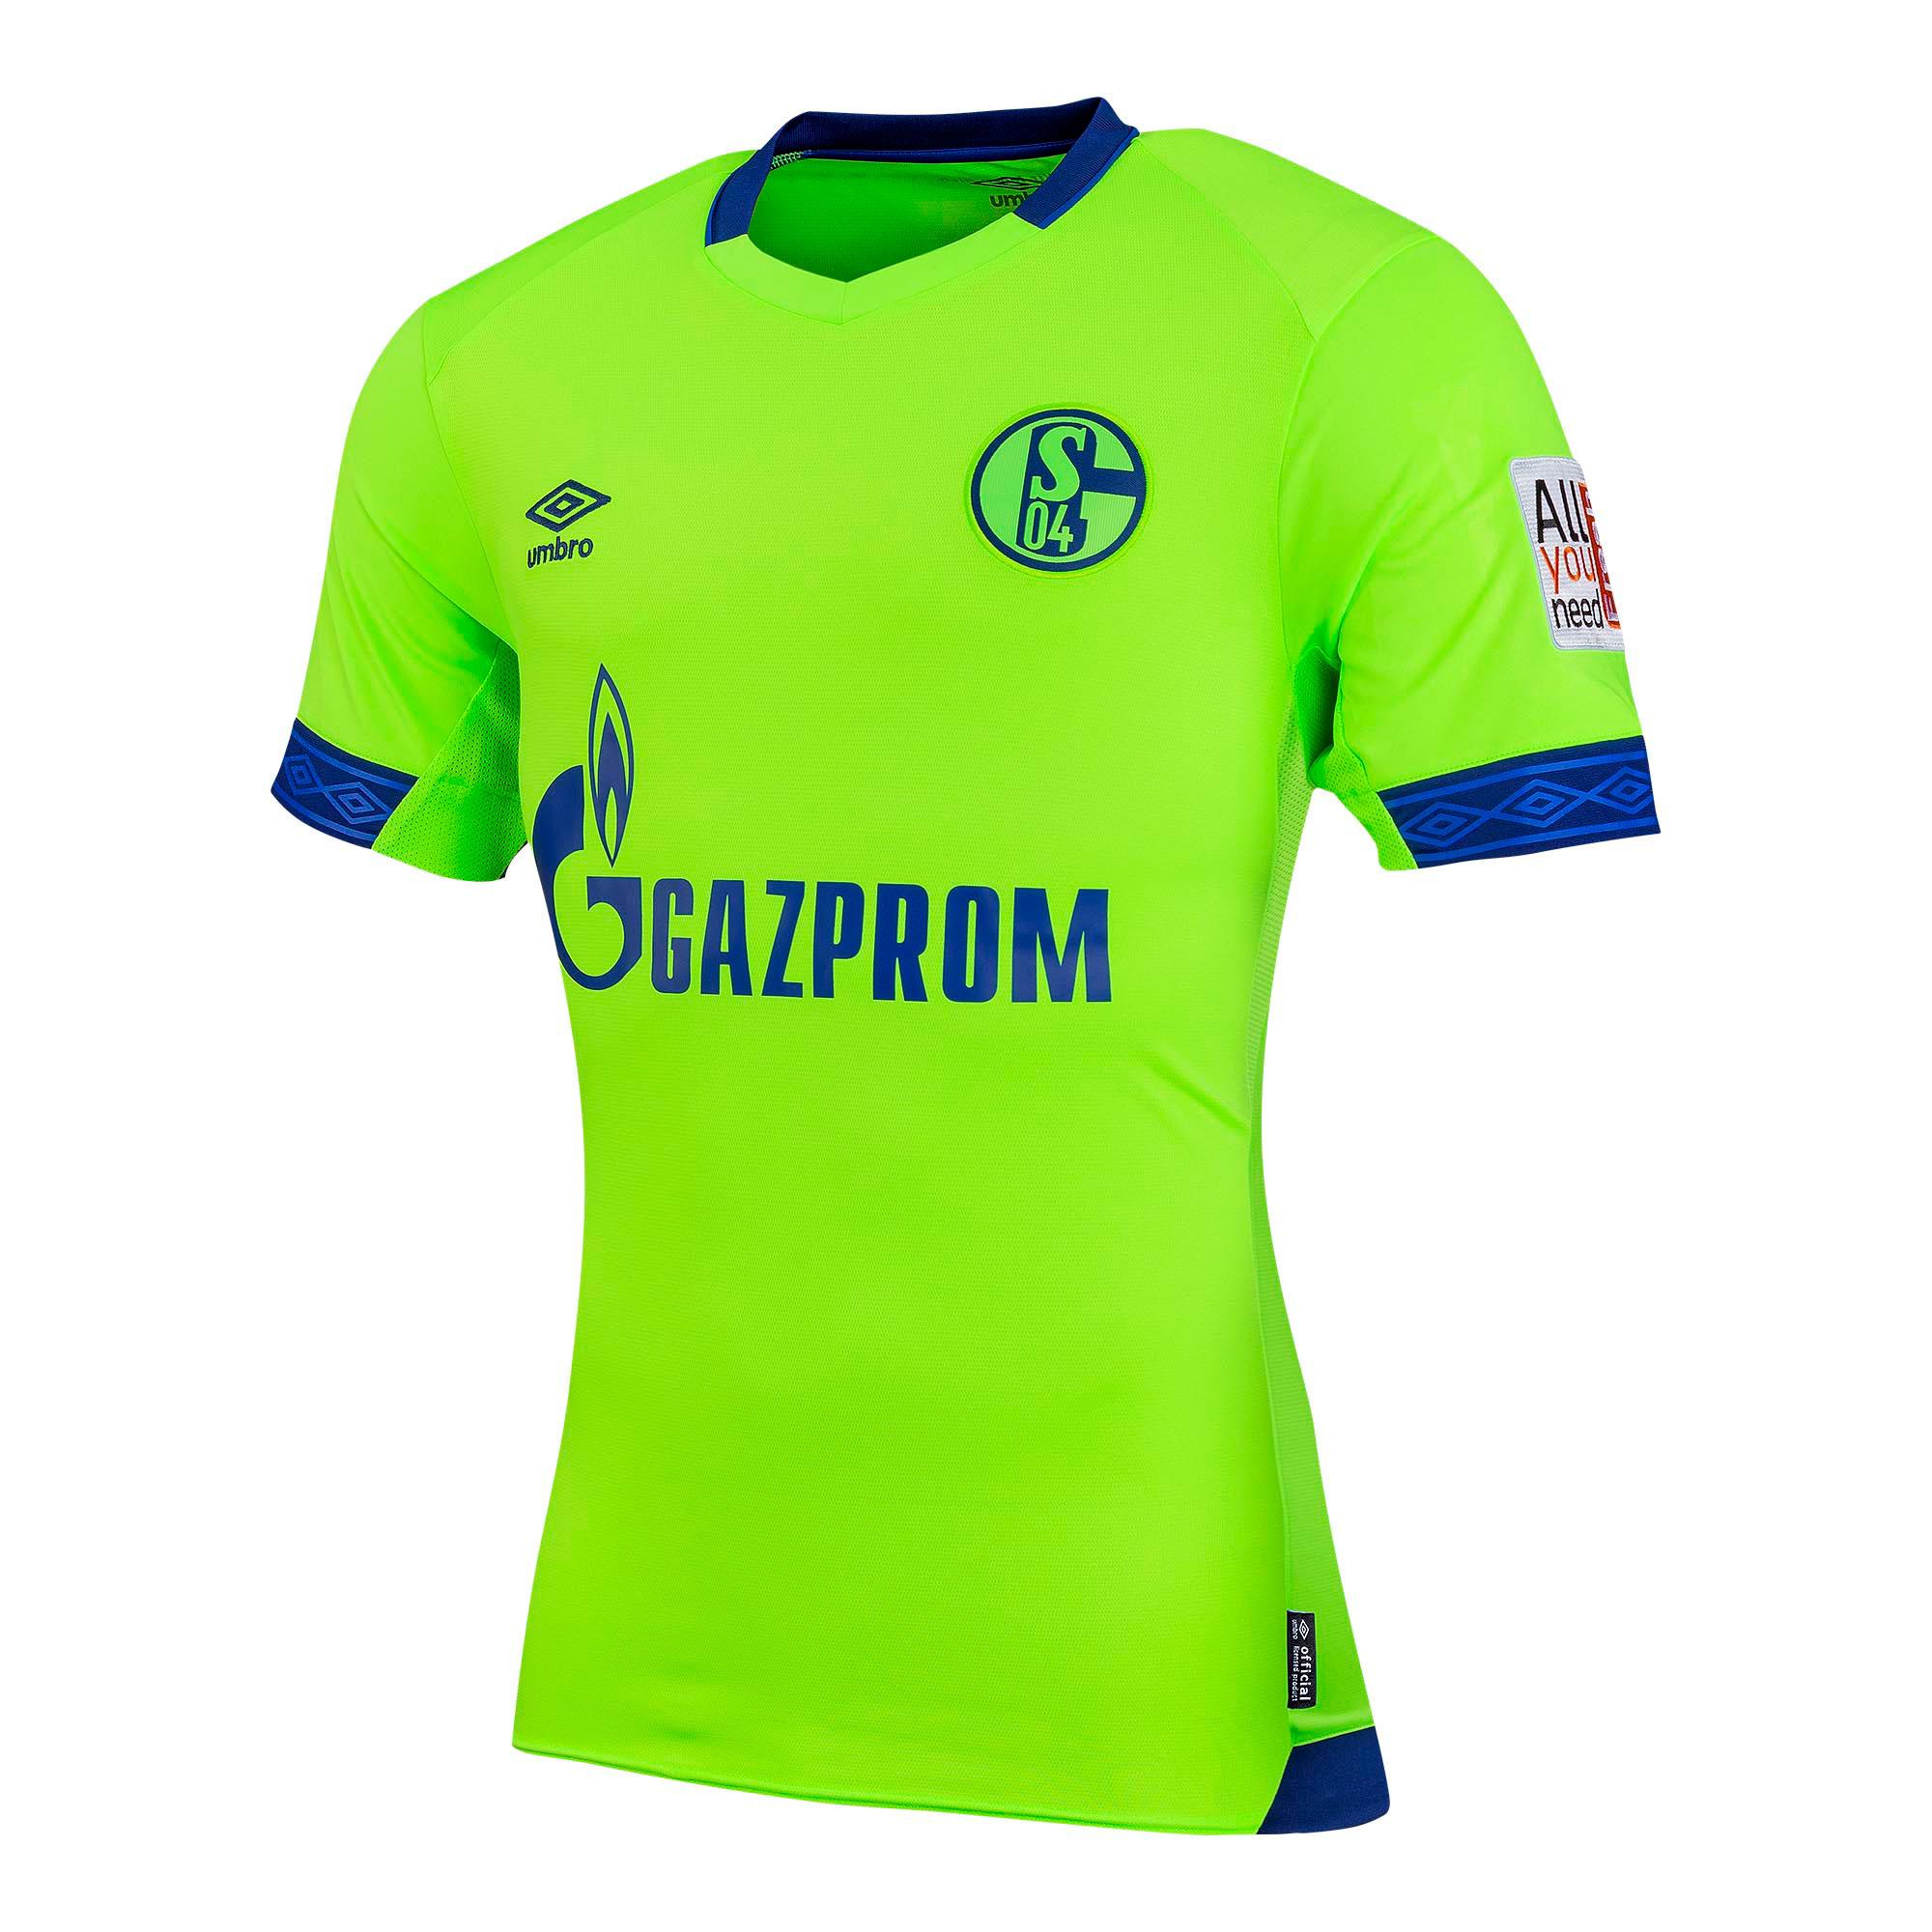 Schalke 04 Third Shirt 2018-19